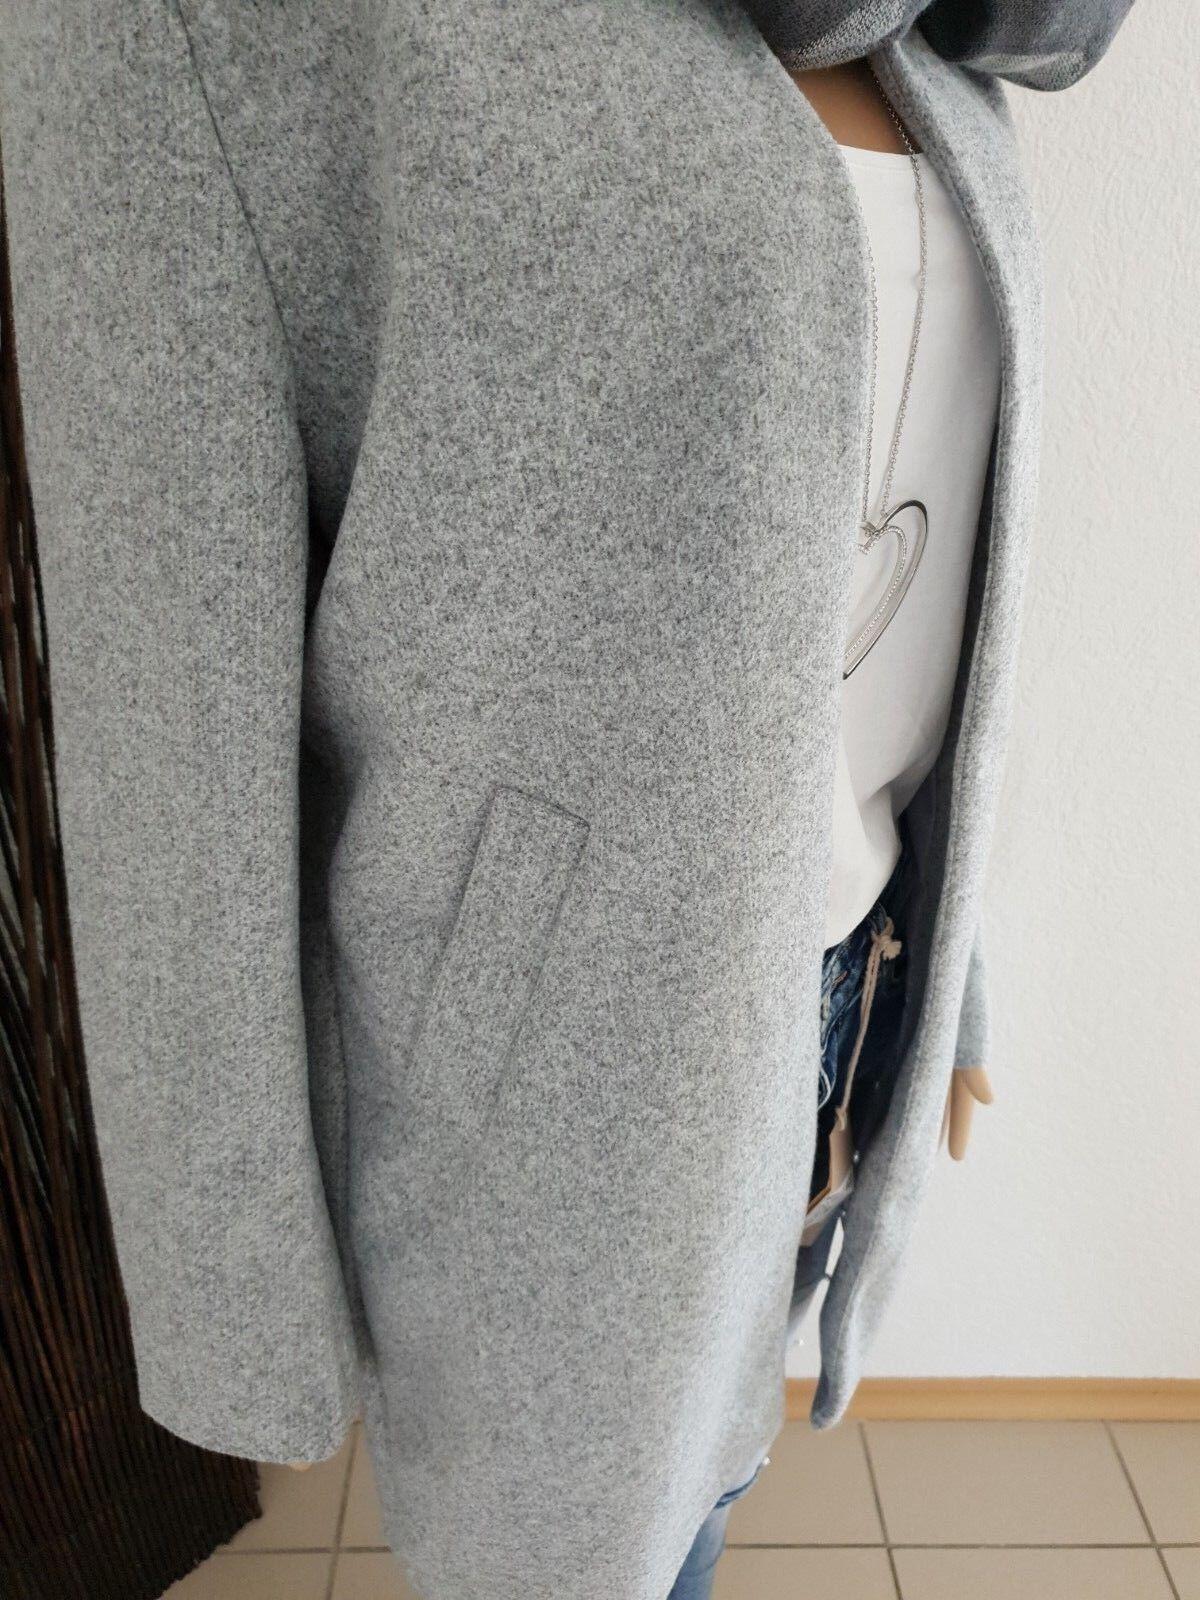 ITALY  ÜBERGANGS    Mantel  grau GR.L NEW COLLETION  TRENDY 2019   Lebhaft und liebenswert    Spielzeugwelt, fröhlicher Ozean    Ein Gleichgewicht zwischen Zähigkeit und Härte  63414f